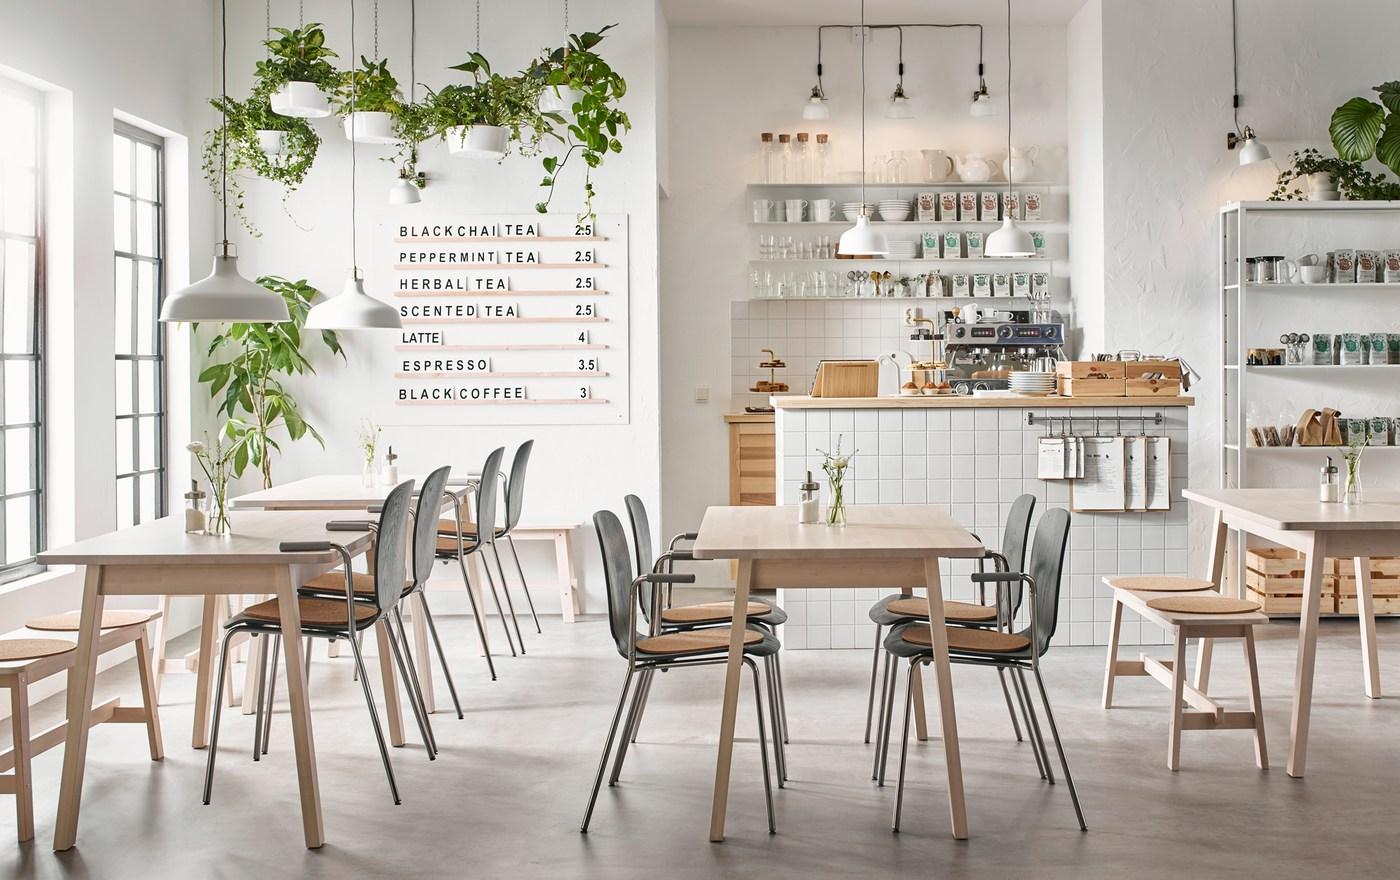 Modern bézs, fekete és fehér kávézó, fehér nyír NORRÅKER asztalokkal és SVENBERTIL székek, fekete és króm színben.